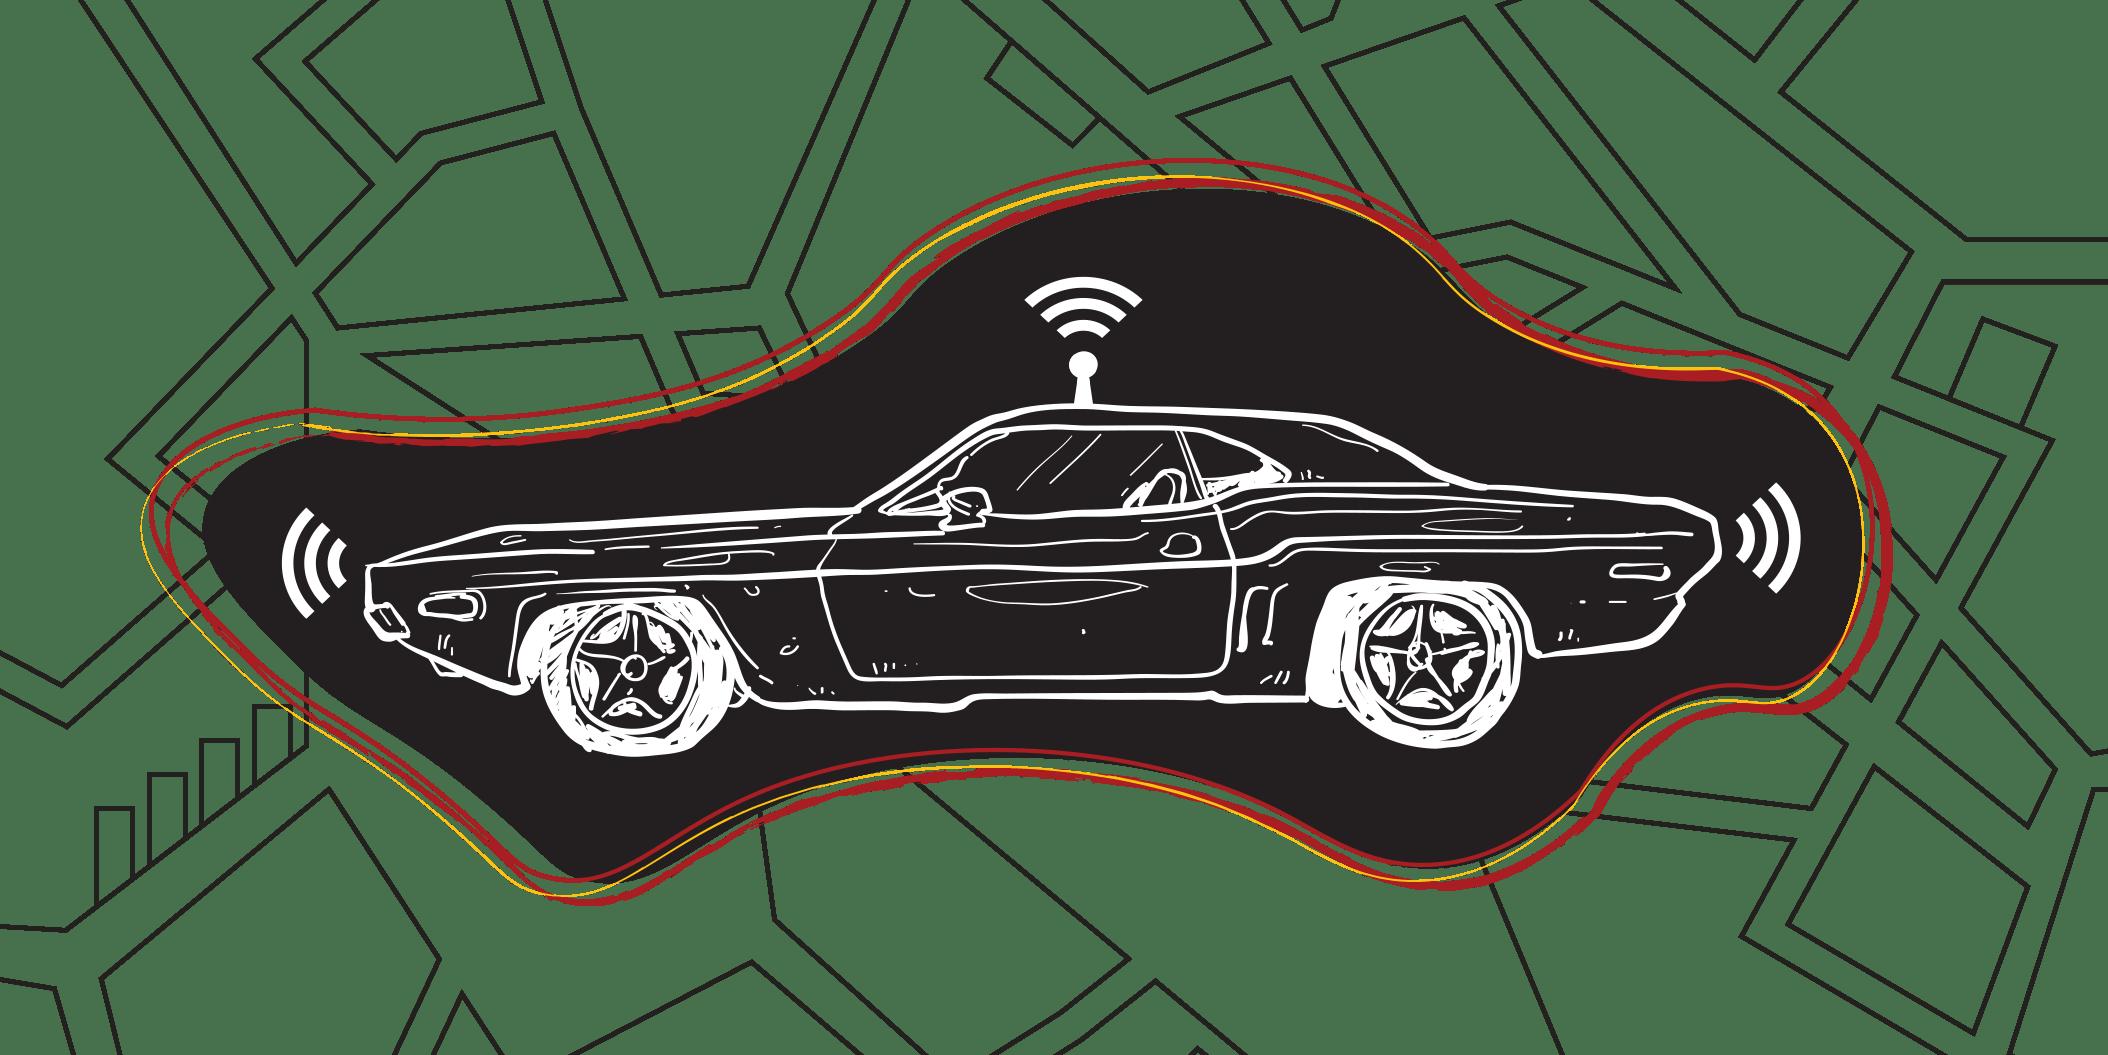 كيف نتجهز لعصر السيارات الذاتية؟